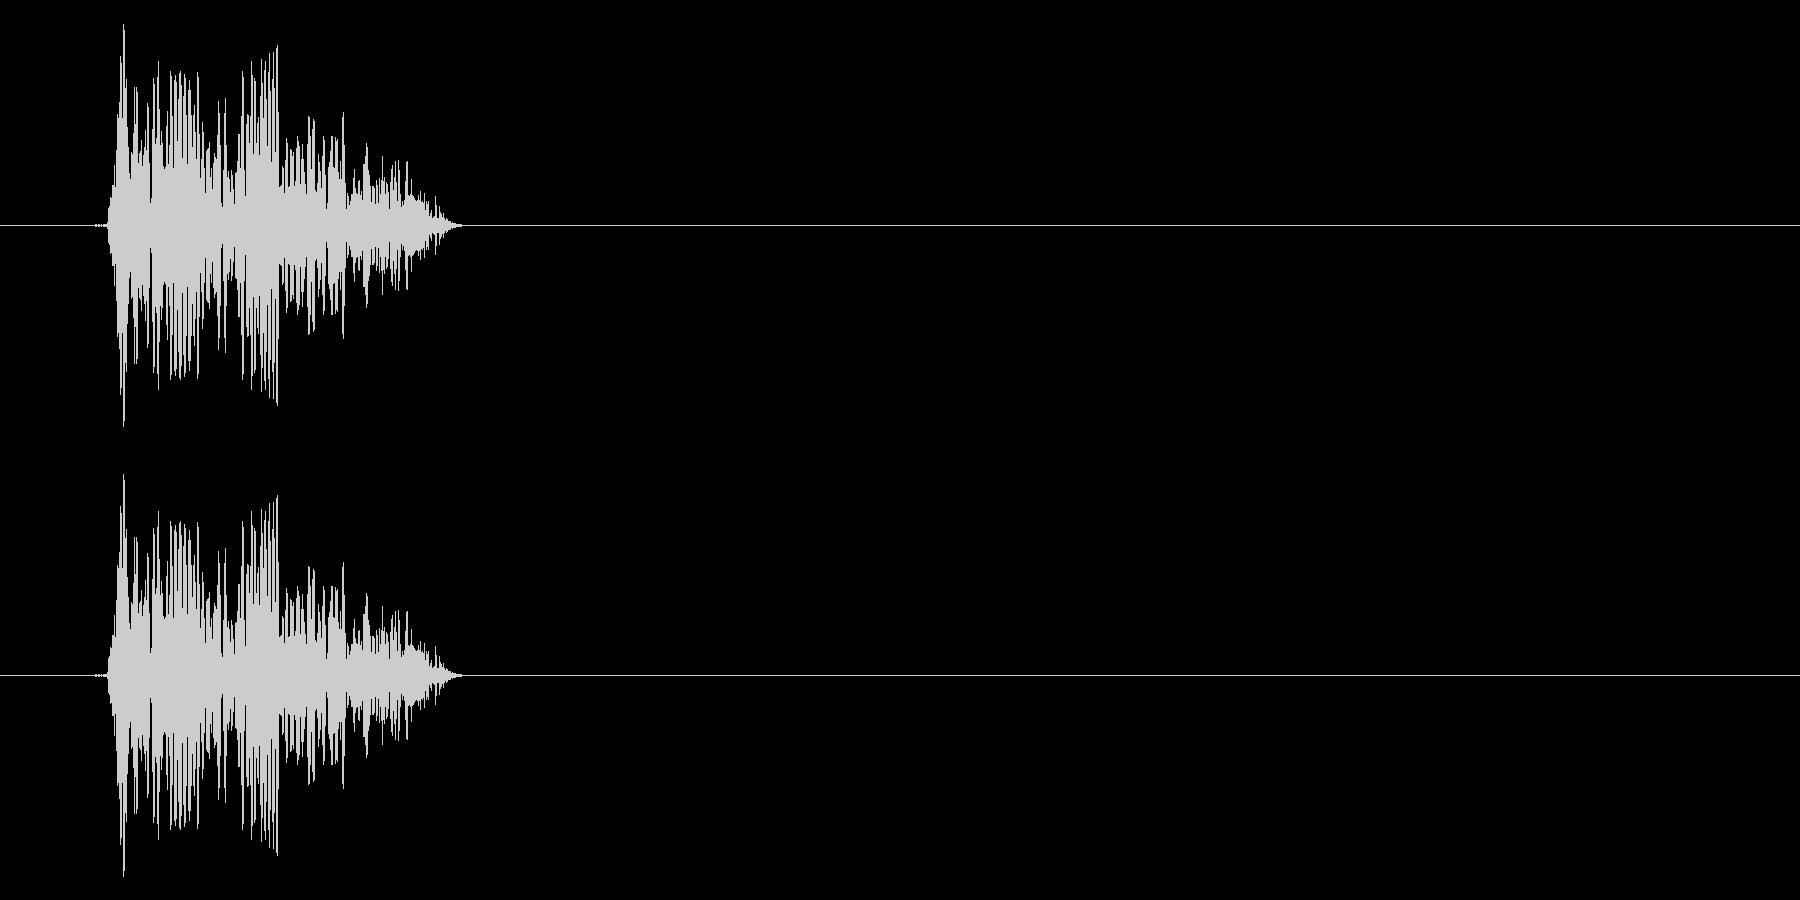 GEN-格闘01-12(倒れる)の未再生の波形